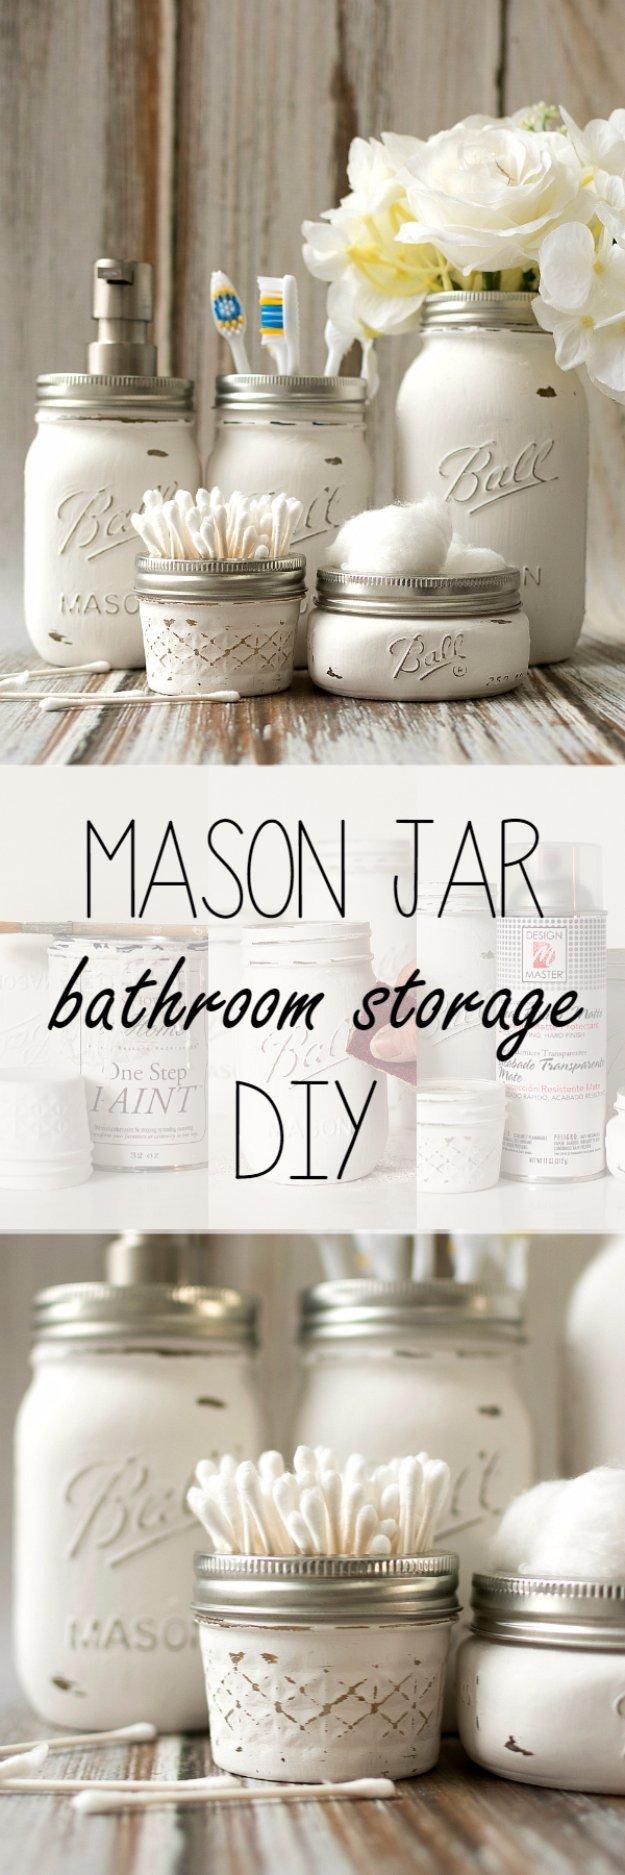 Diy Mason Jars Decor Ideas Inspirational 31 Brilliant Diy Decor Ideas for Your Bathroom